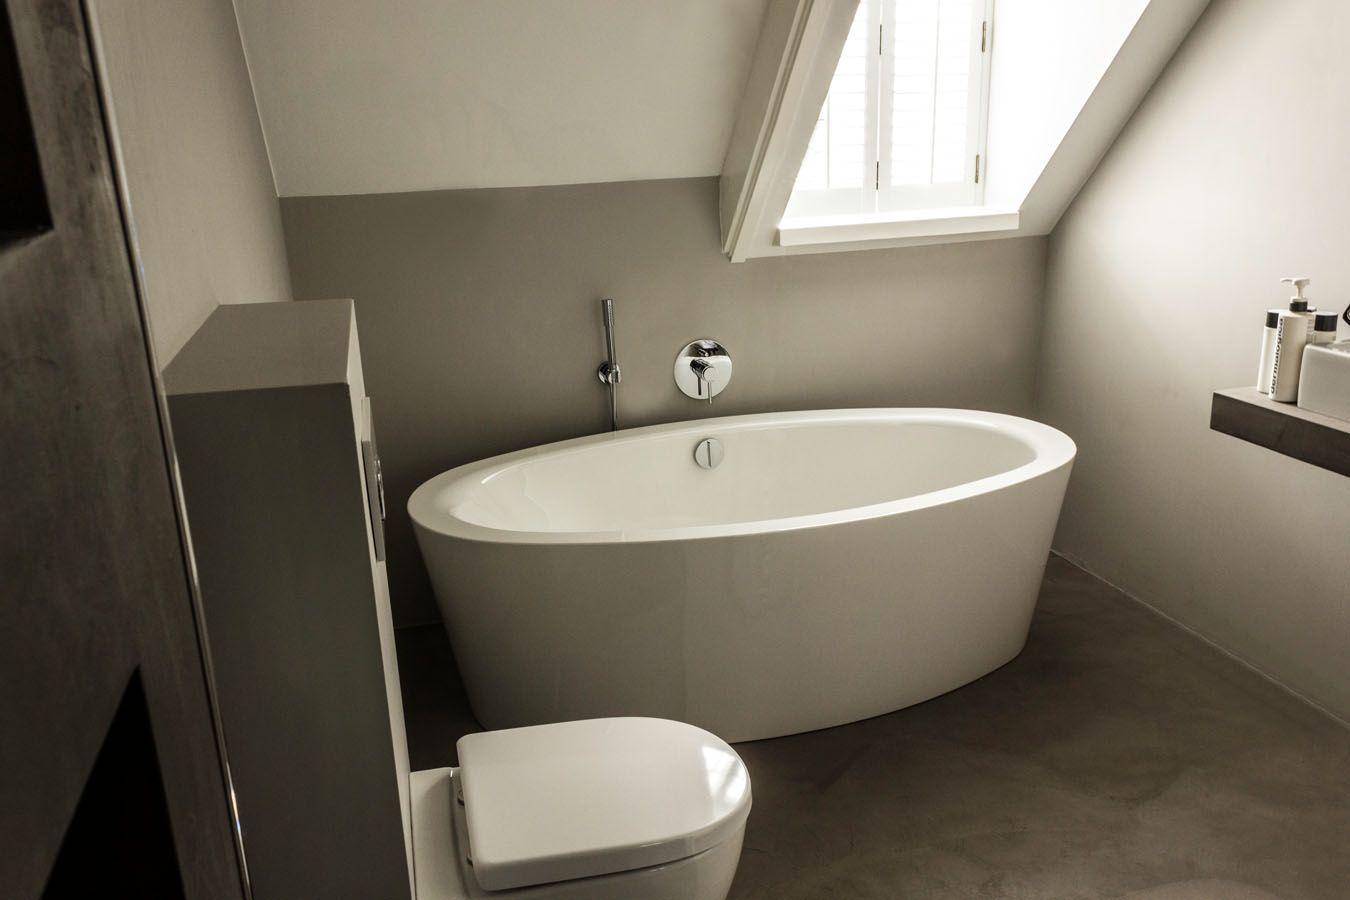 beton cire badkamer - Google zoeken | Verbouwing eerste verdieping ...